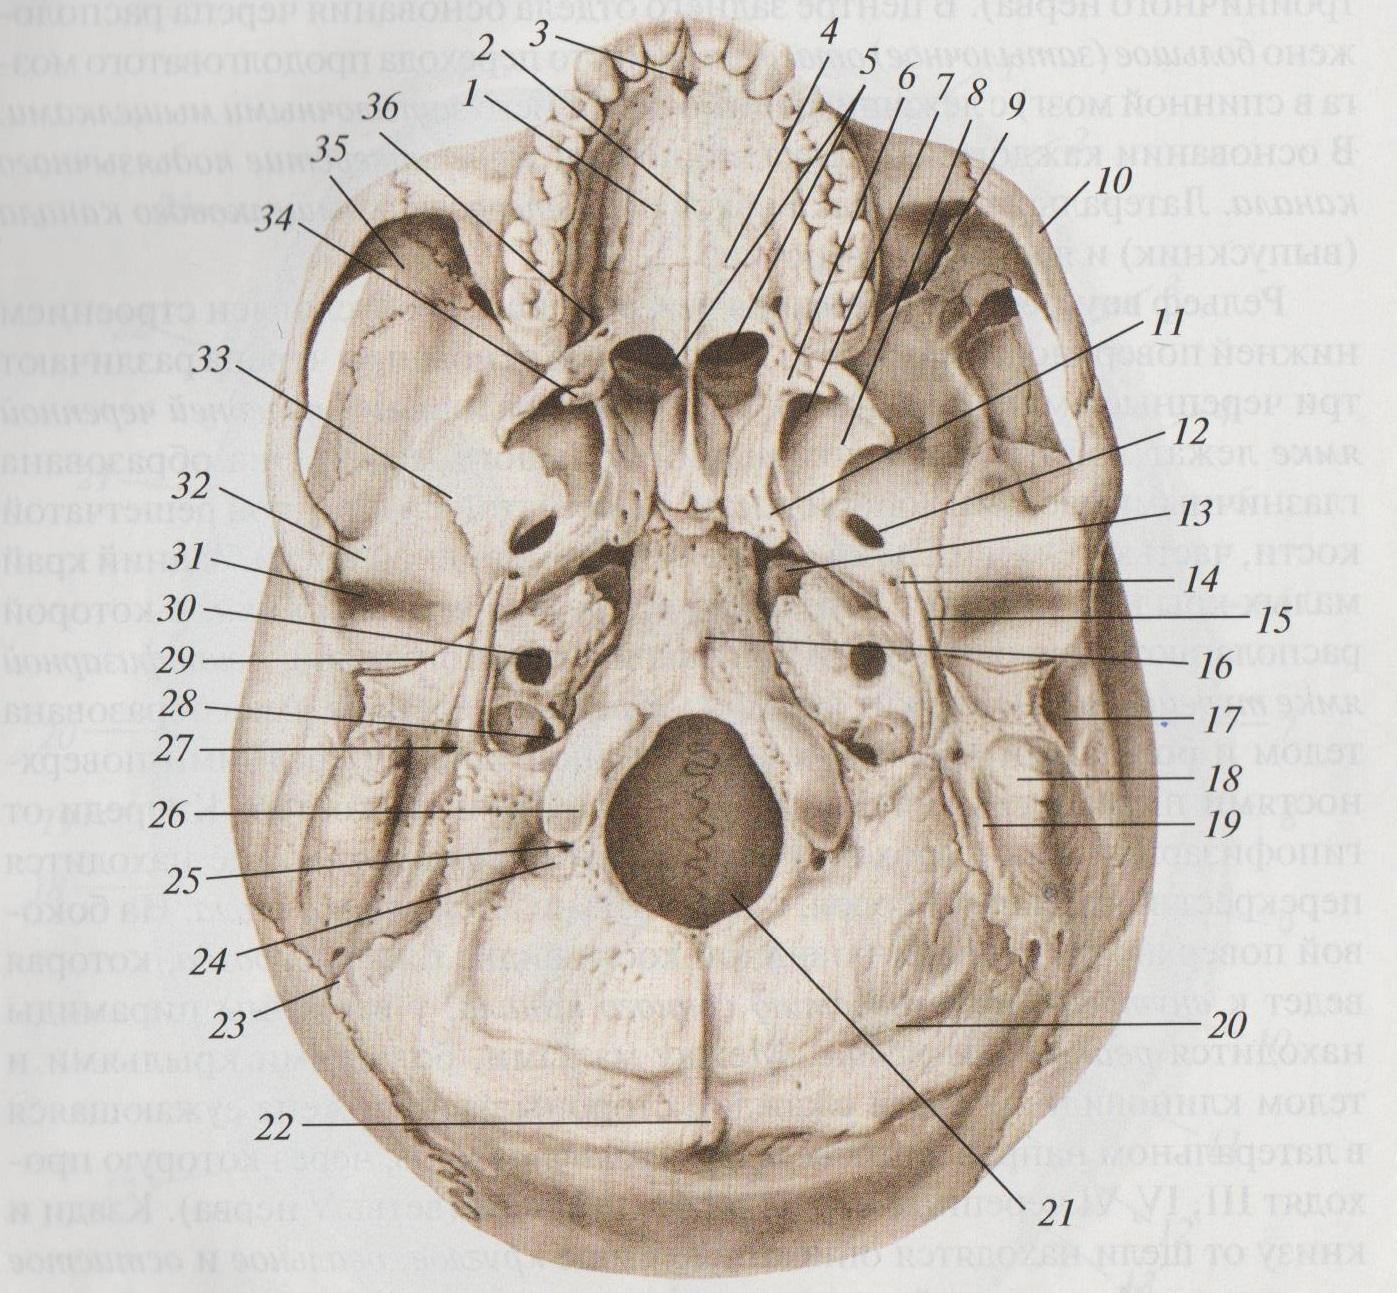 основание черепа анатомия в картинках провели